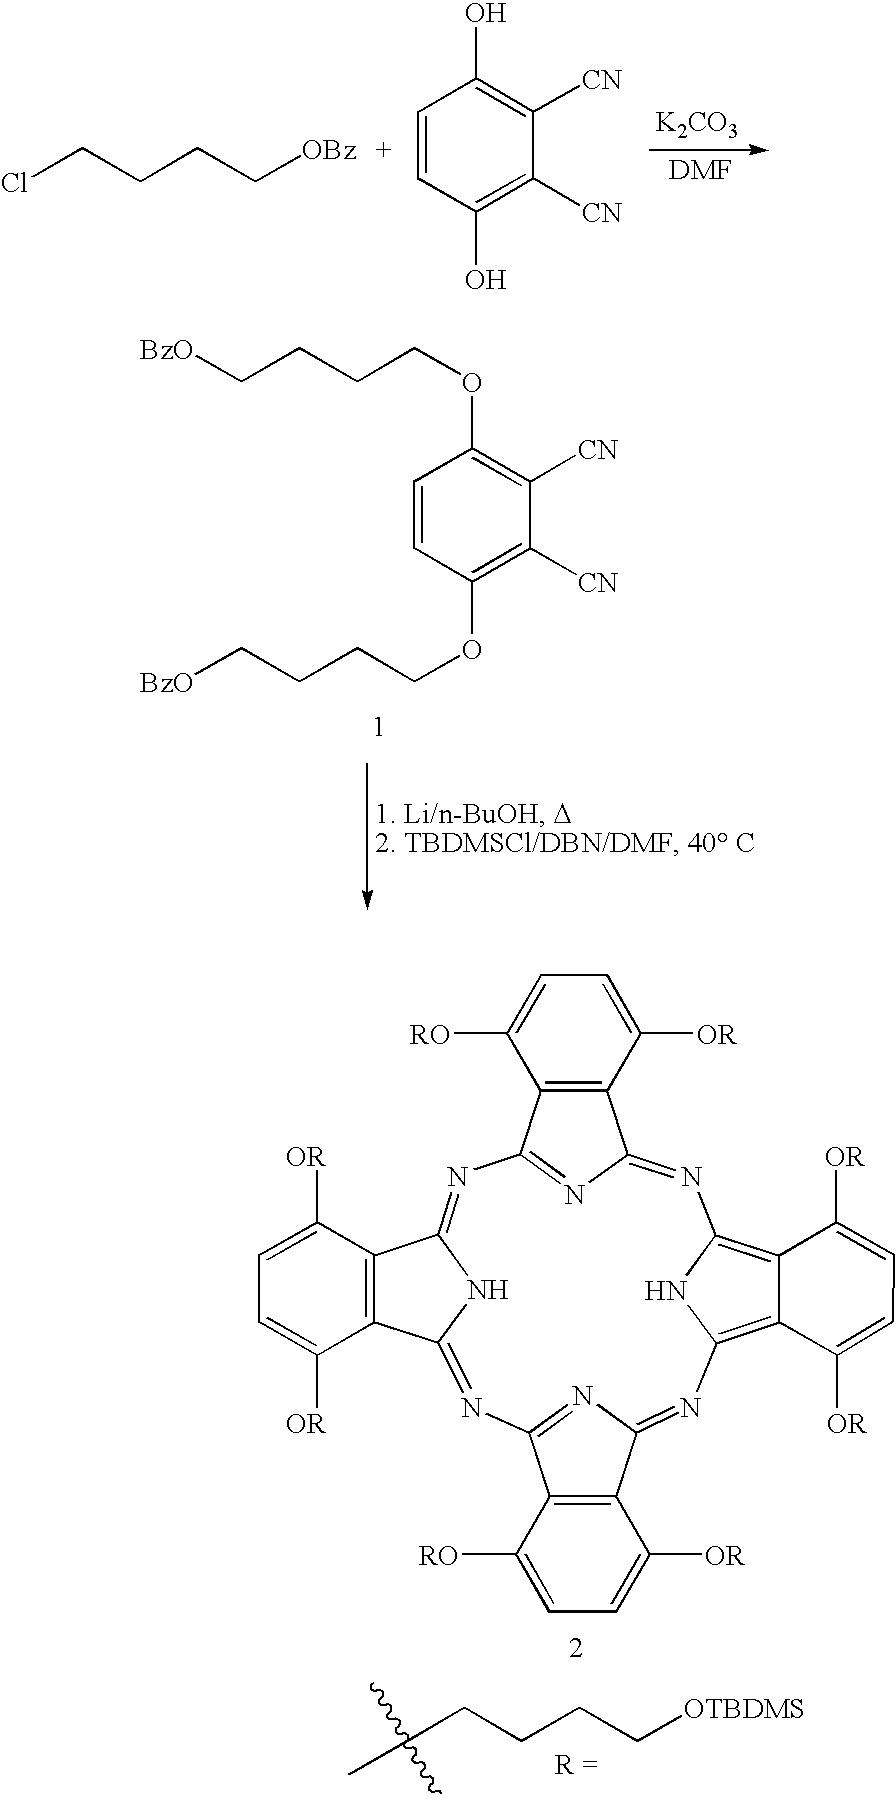 Figure US07153956-20061226-C00010